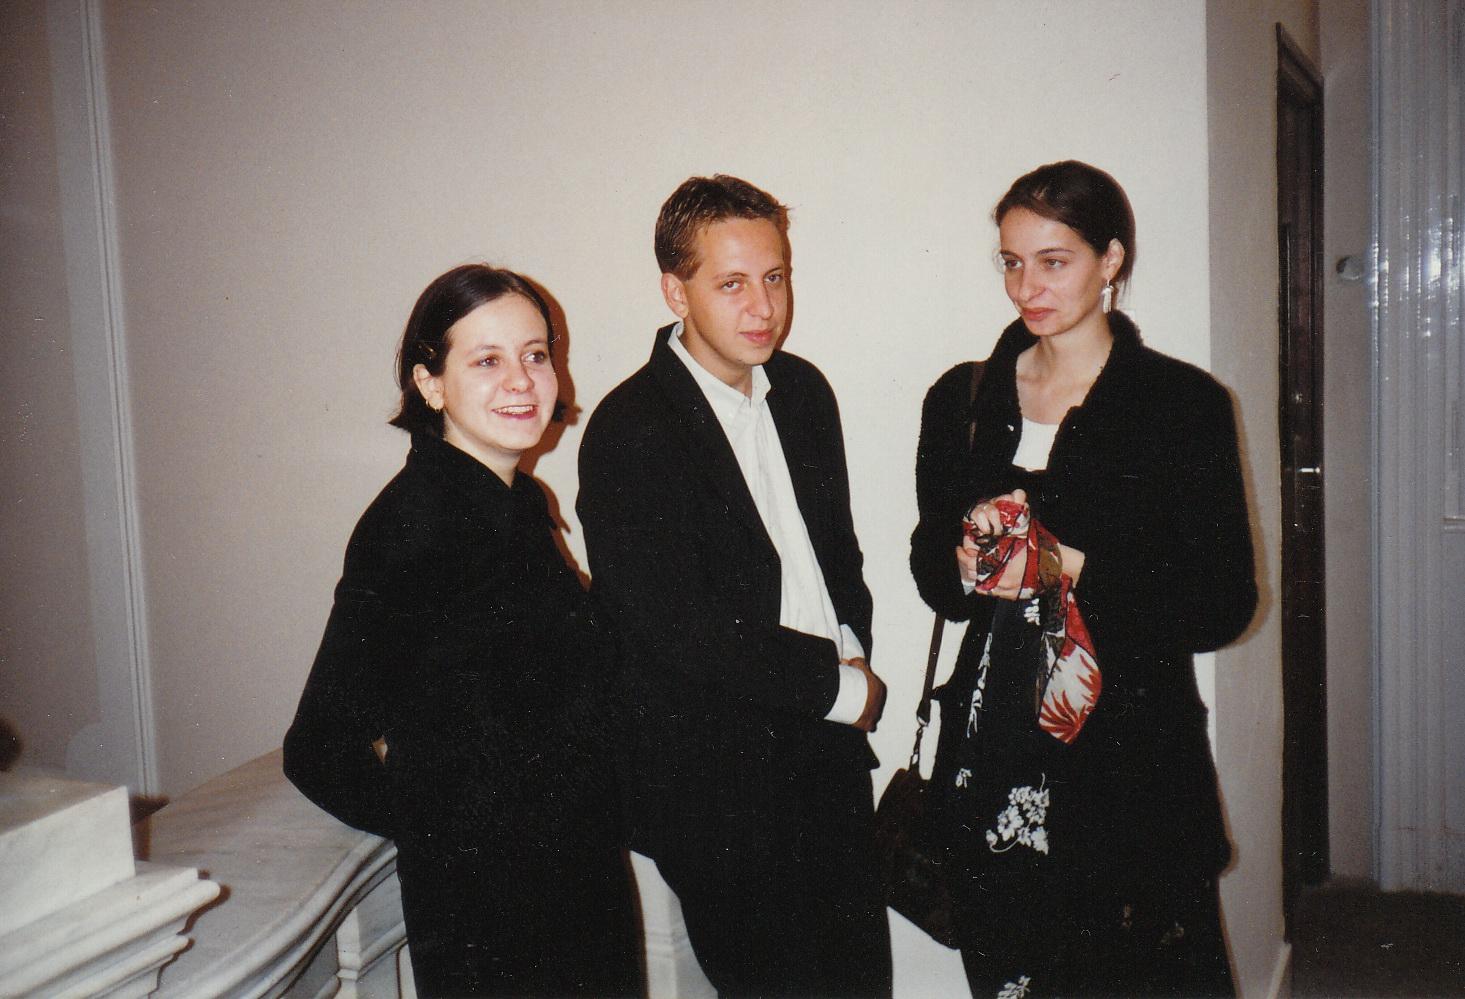 Felnőttek. Kőszeg Sára, Áron, Fanni, 1996.